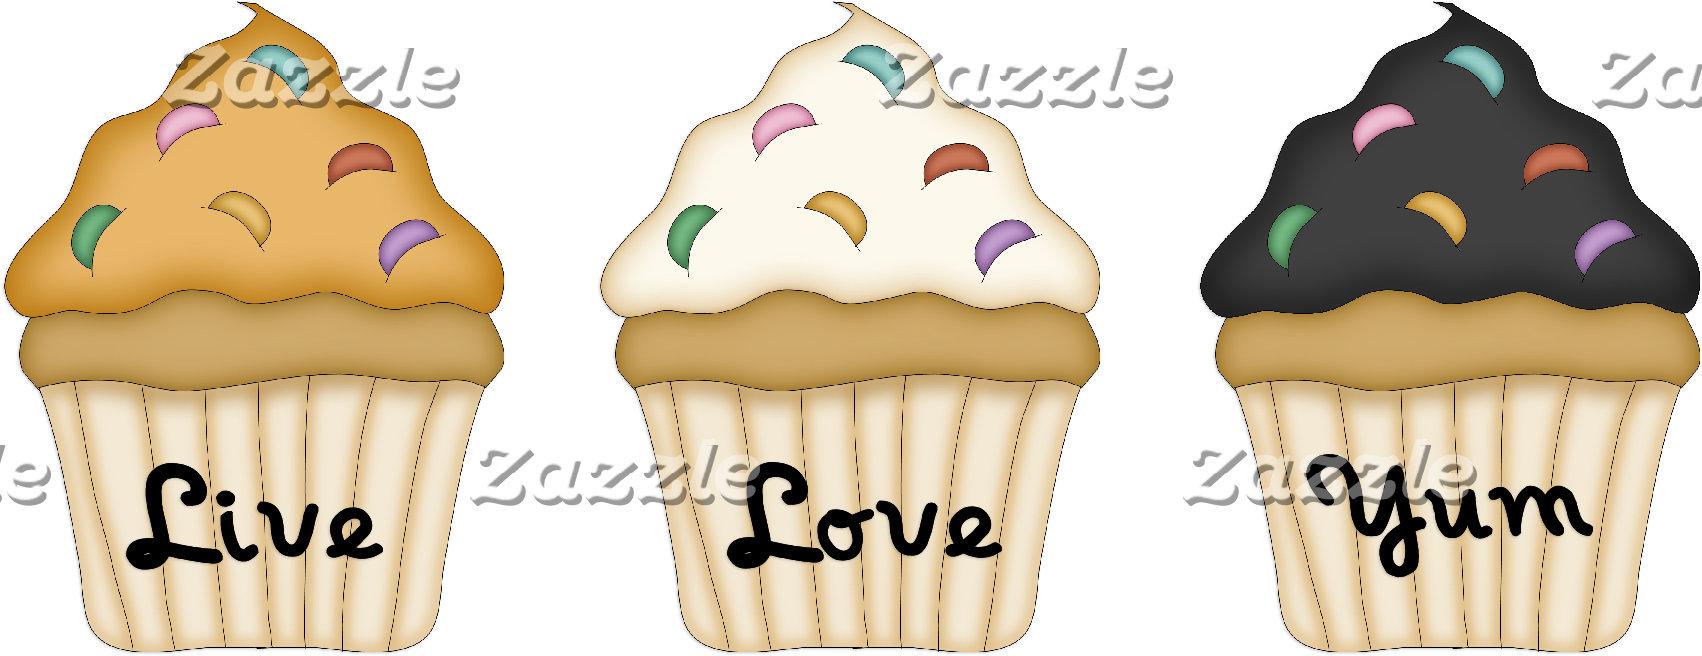 Cupcake Yum